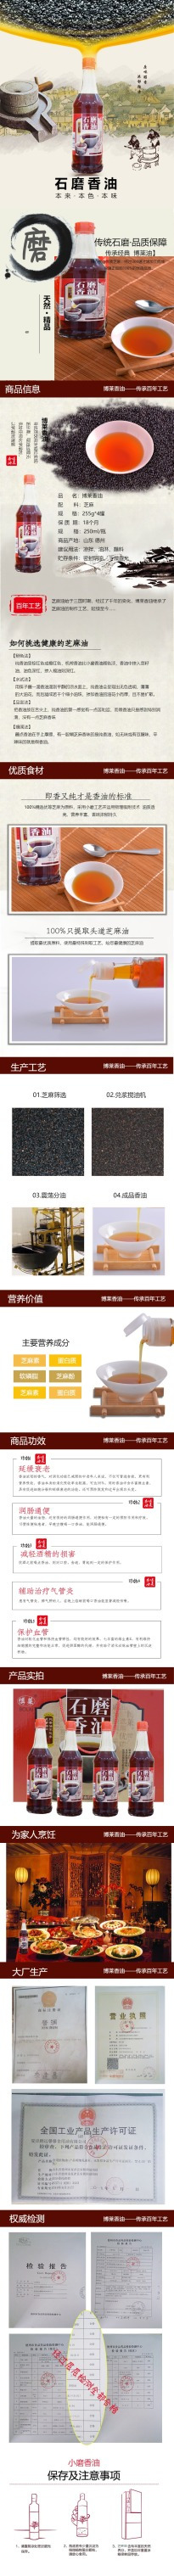 中国风古风百货零售粮油副食香油促销电商详情页